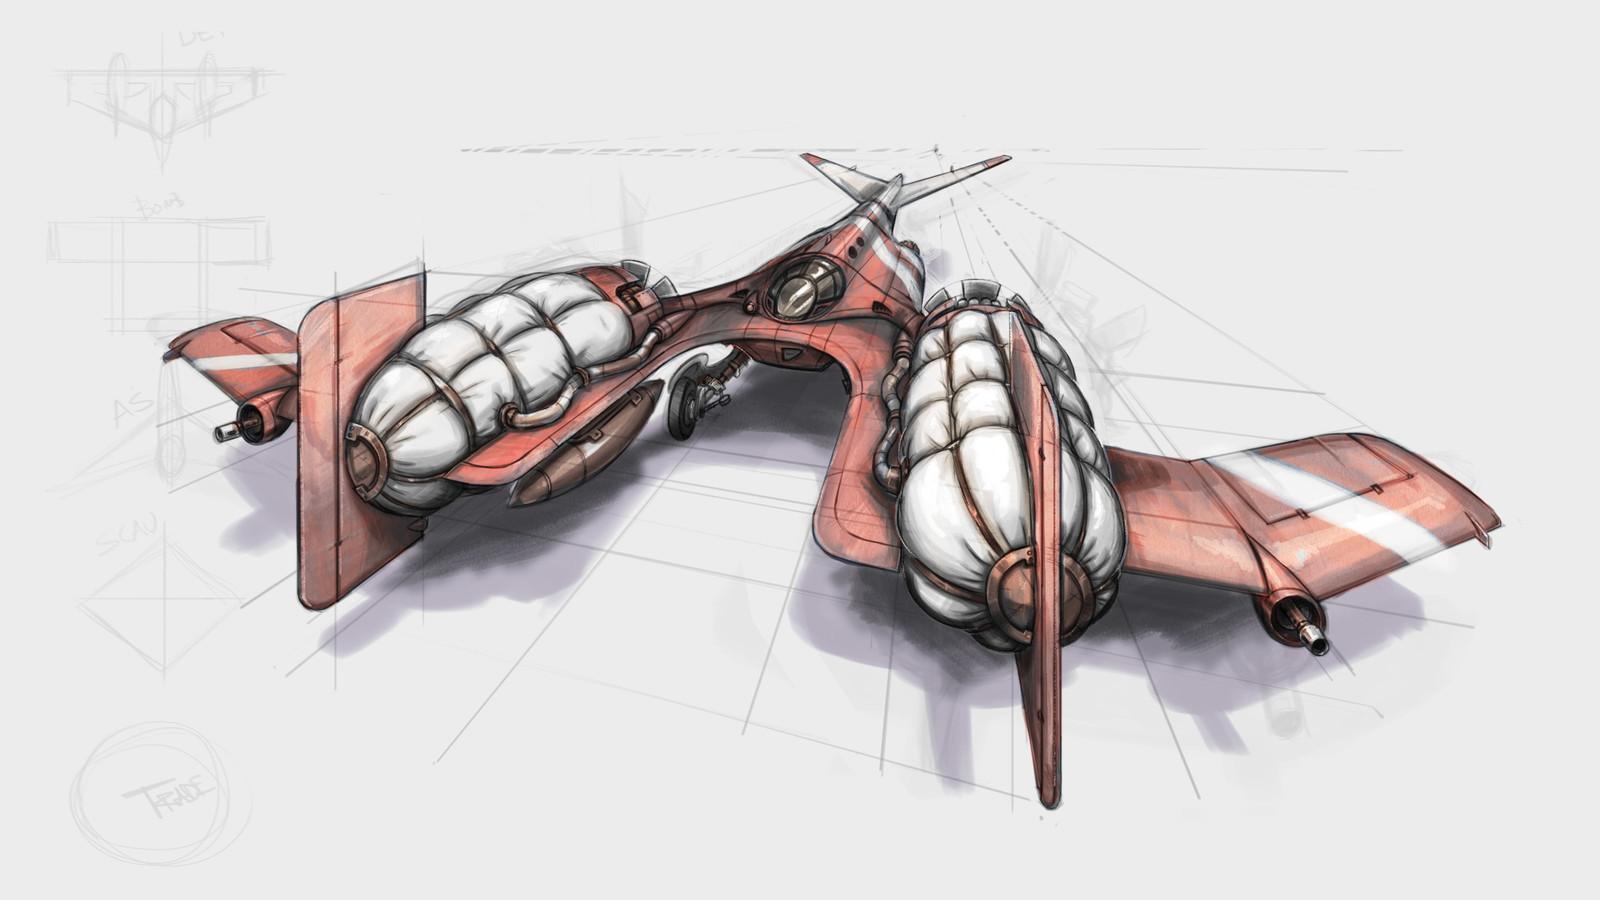 R&D Plane Concept